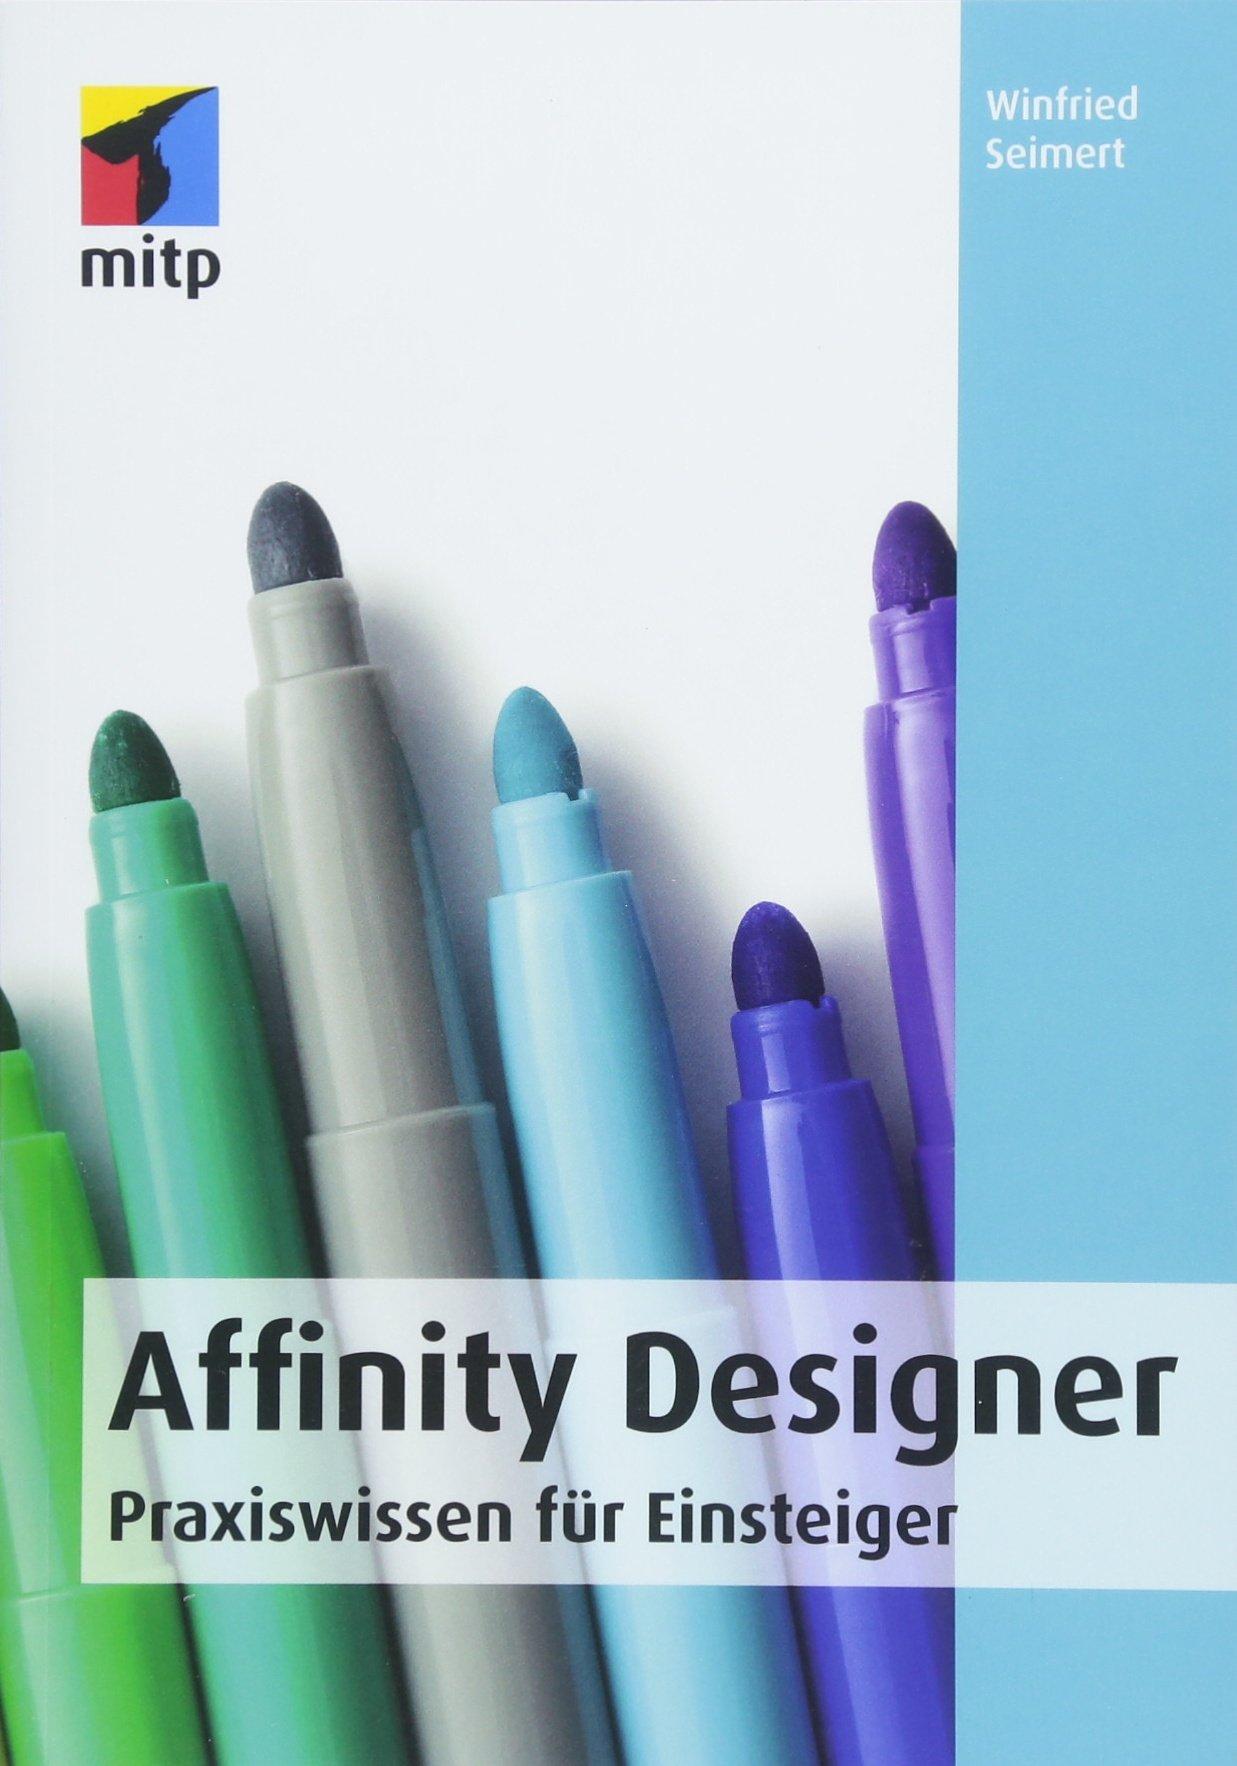 affinity-designer-praxiswissen-fr-einsteiger-mitp-anwendungen